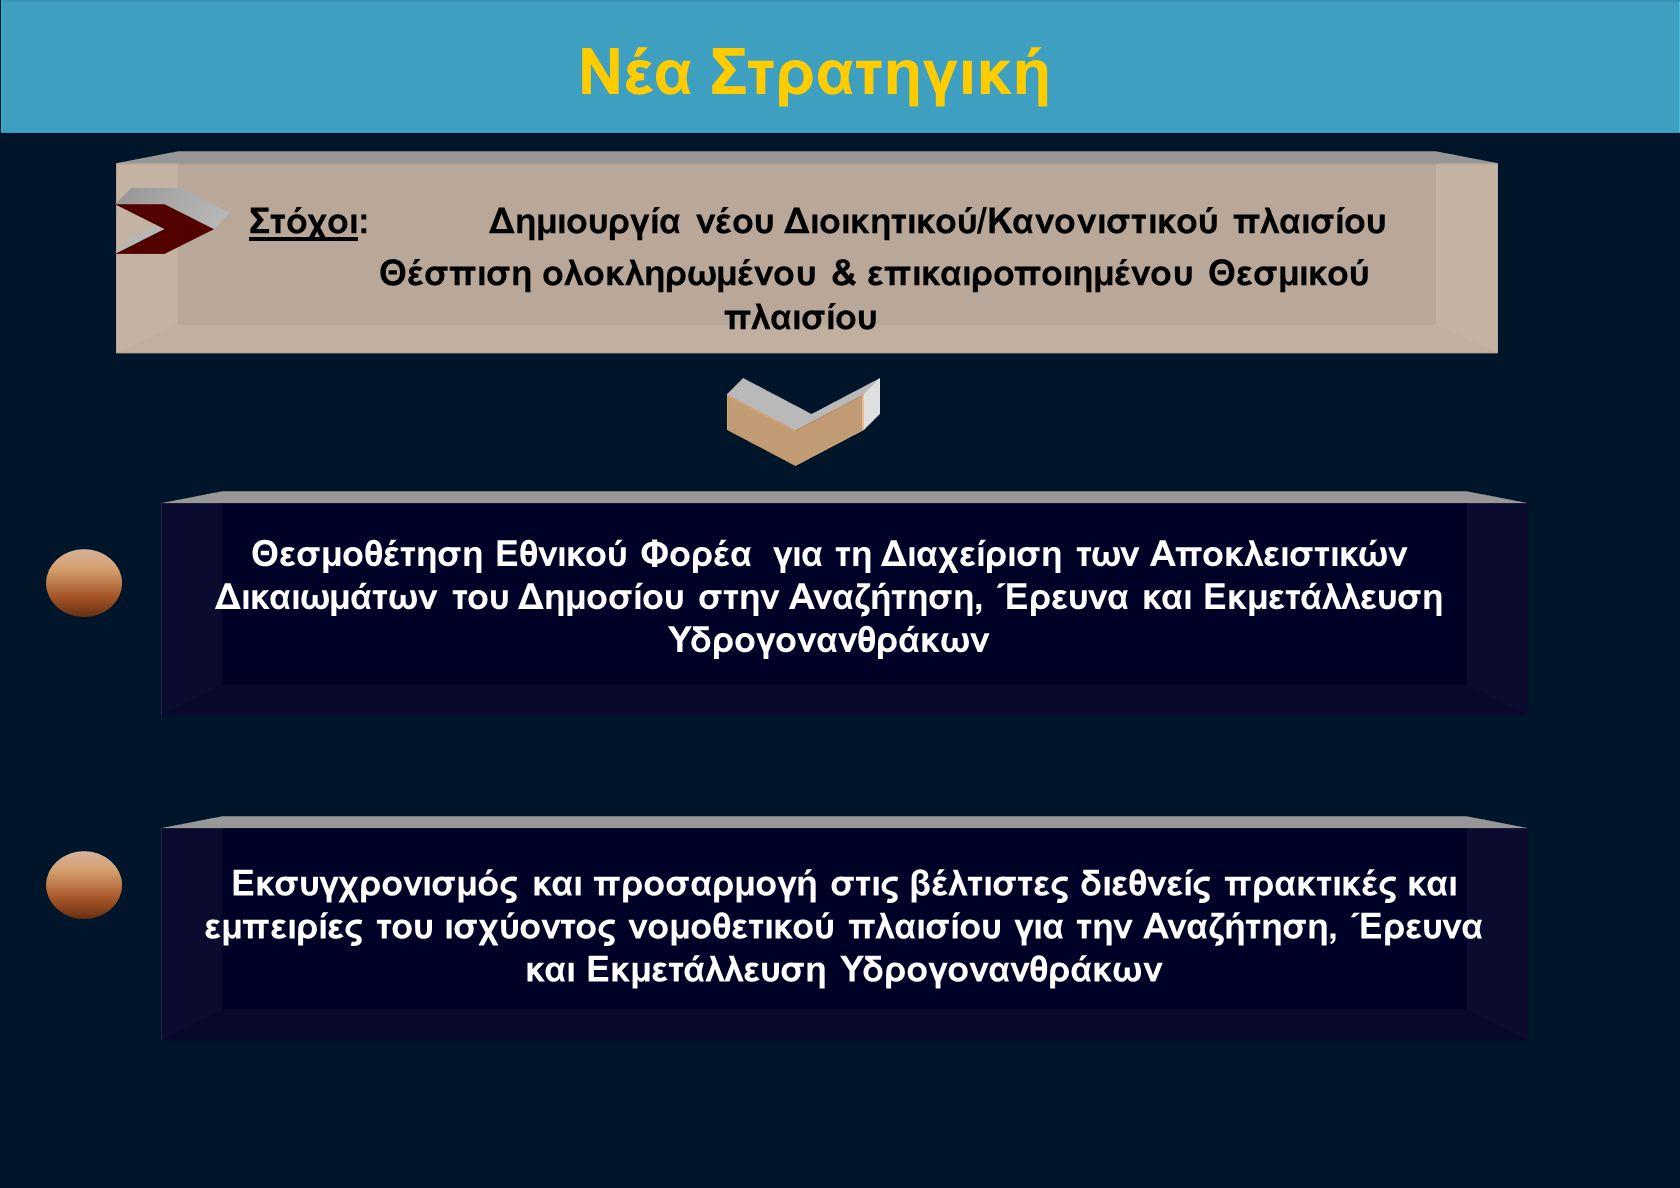 ΧΩΡΑΦΟΡΟΣ %ΜΙΣΘΩΜΑ %ΠΡΟΘΕΤΕΣ ΕΙΣΠΡΑΞΕΙΣ Γερμανία15,80-1812-21%Επί καθαρών κερδών Γαλλία34,40-121,11 $/bblΜεταλλευτικός φόρος Ιταλία340-104,3%Περιφερειακός φόρος Πορτογαλία250-105 %Δημοτικός φόρος Ελλάδα202-205%Περιφερειακός φόρος Σημεία ανταγωνισμού Σταθερές οικονομικές υποχρεώσεις Στρεμματική αποζημίωση/ έτος (στάδιο έρευνας και στάδιο εκμετάλλευσης) Φόρος 20% Προσφερόμενο μίσθωμα ή μερίδιο (Royalties) Περιφερειακός φόρος 5% Αντάλλαγμα υπογραφής σύμβασης (signature bonus) Παράβολα συμμετοχής & διεκπεραίωσης Αντάλλαγμα παραγωγής (production bonus) Εισπράξεις από διάθεση δεδομένων Επιμόρφωση ανθρώπινου δυναμικού της δημόσιας διοίκησης Royalties: Το κατά περίπτωση μίσθωμα ή μερίδιο κλιμακώνεται συνεκτιμωμένων σωρευτικά ή διαζευκτικά: • Του ύψους της παραγωγής • Των γεωγραφικών, γεωλογικών & λοιπών χαρακτηριστικών της περιοχής • Του συντελεστή εσόδων και εξόδων (R-Factor) Γ.